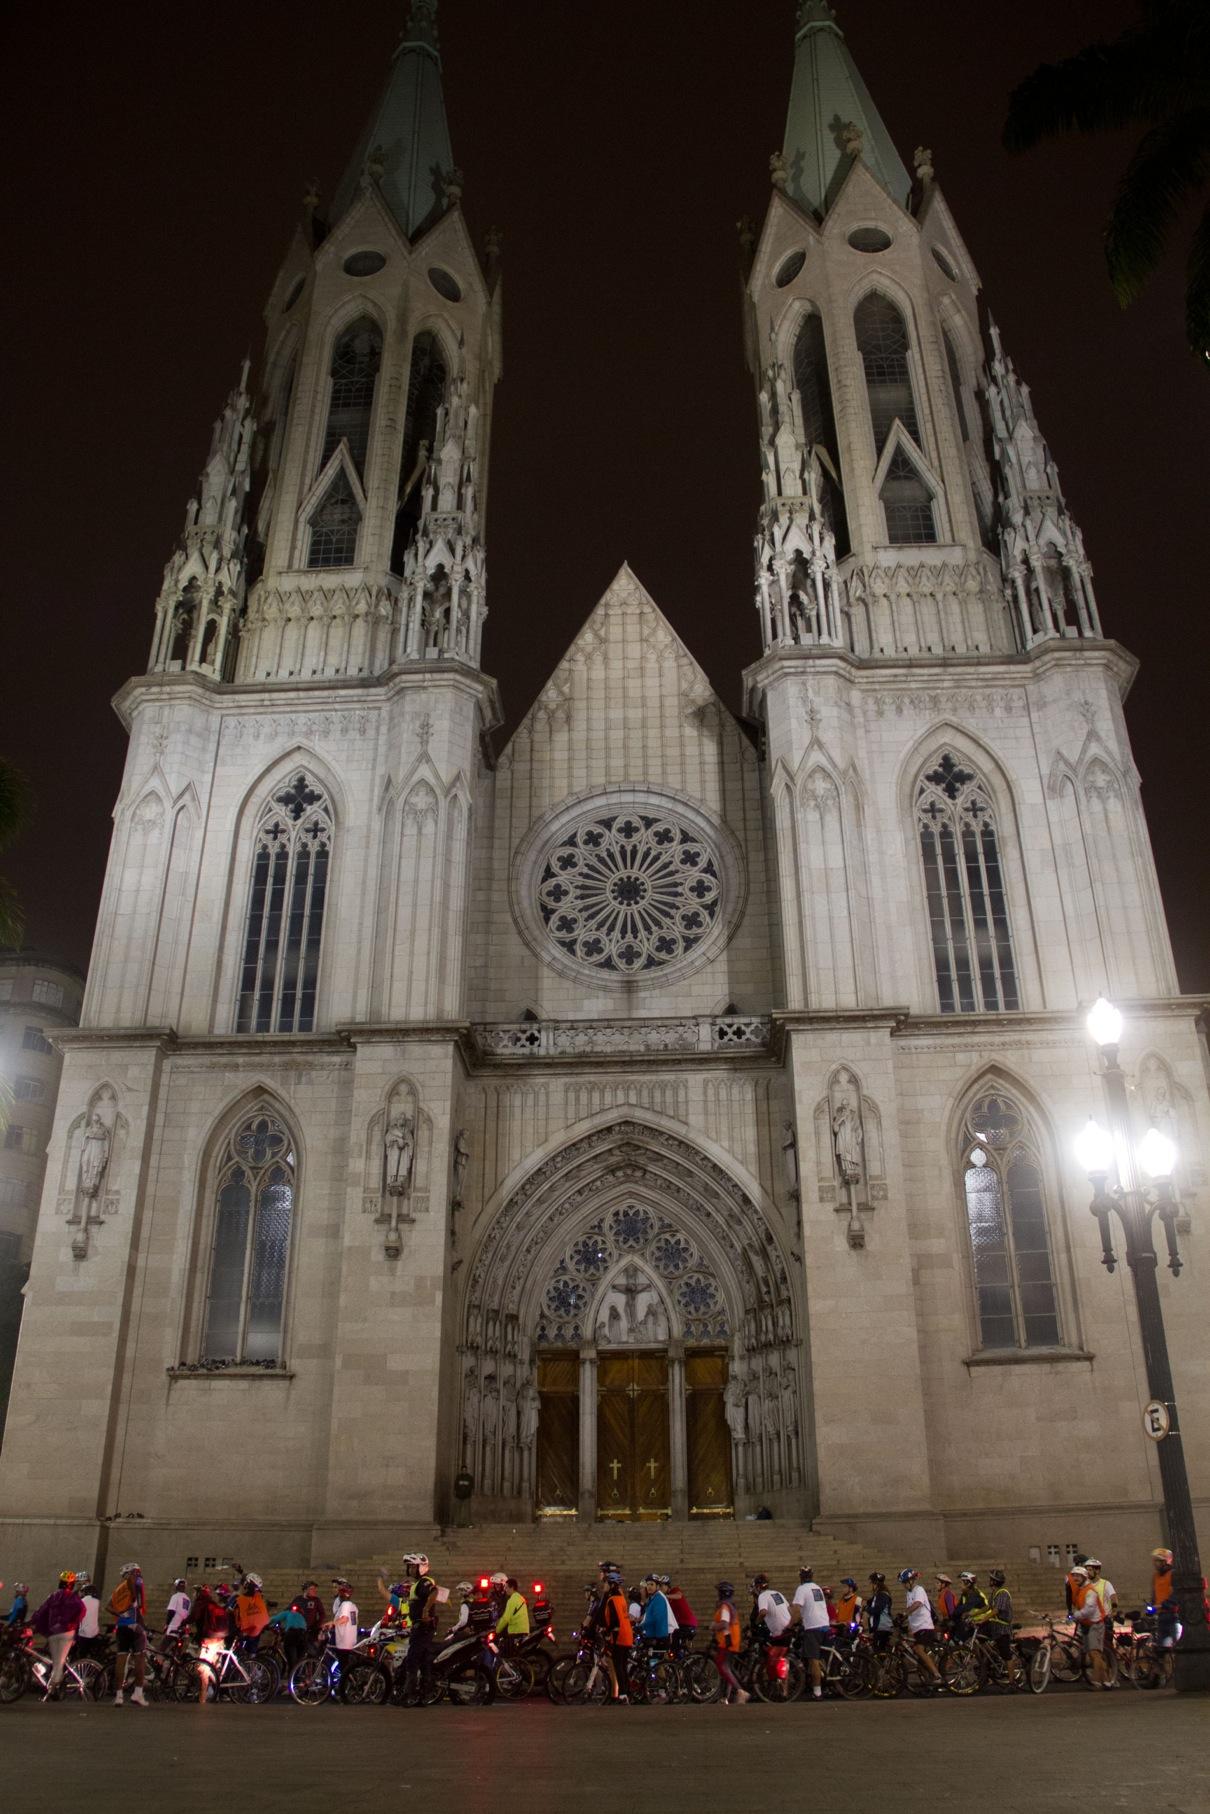 A catedral da Sé é um dos pontos por onde passarão as bicicletas. Na foto, a pedalada realizada pelo WWF-Brasil e coordenada pelo Vá de Bike, durante a Hora do Planeta, na noite de 23 de março. Foto: Julio Vilela/WWF-Brasil